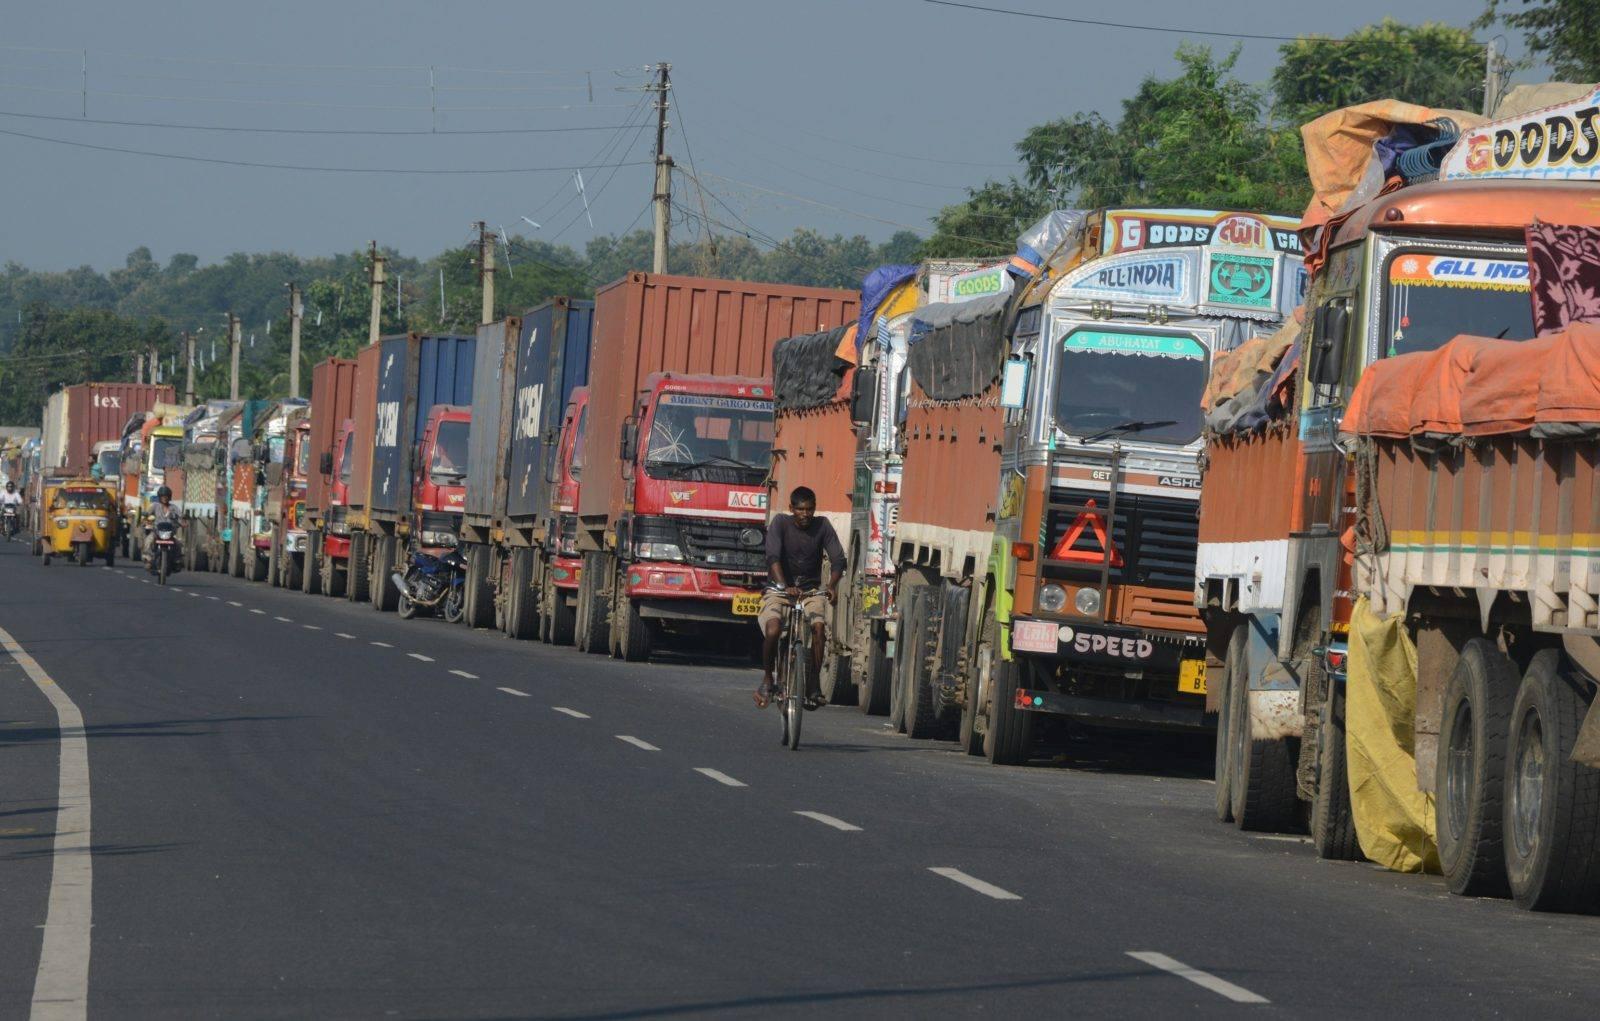 एक बर्षमा नेपालमा १५खर्ब ३९अर्ब ८३करोडको सामान आयात